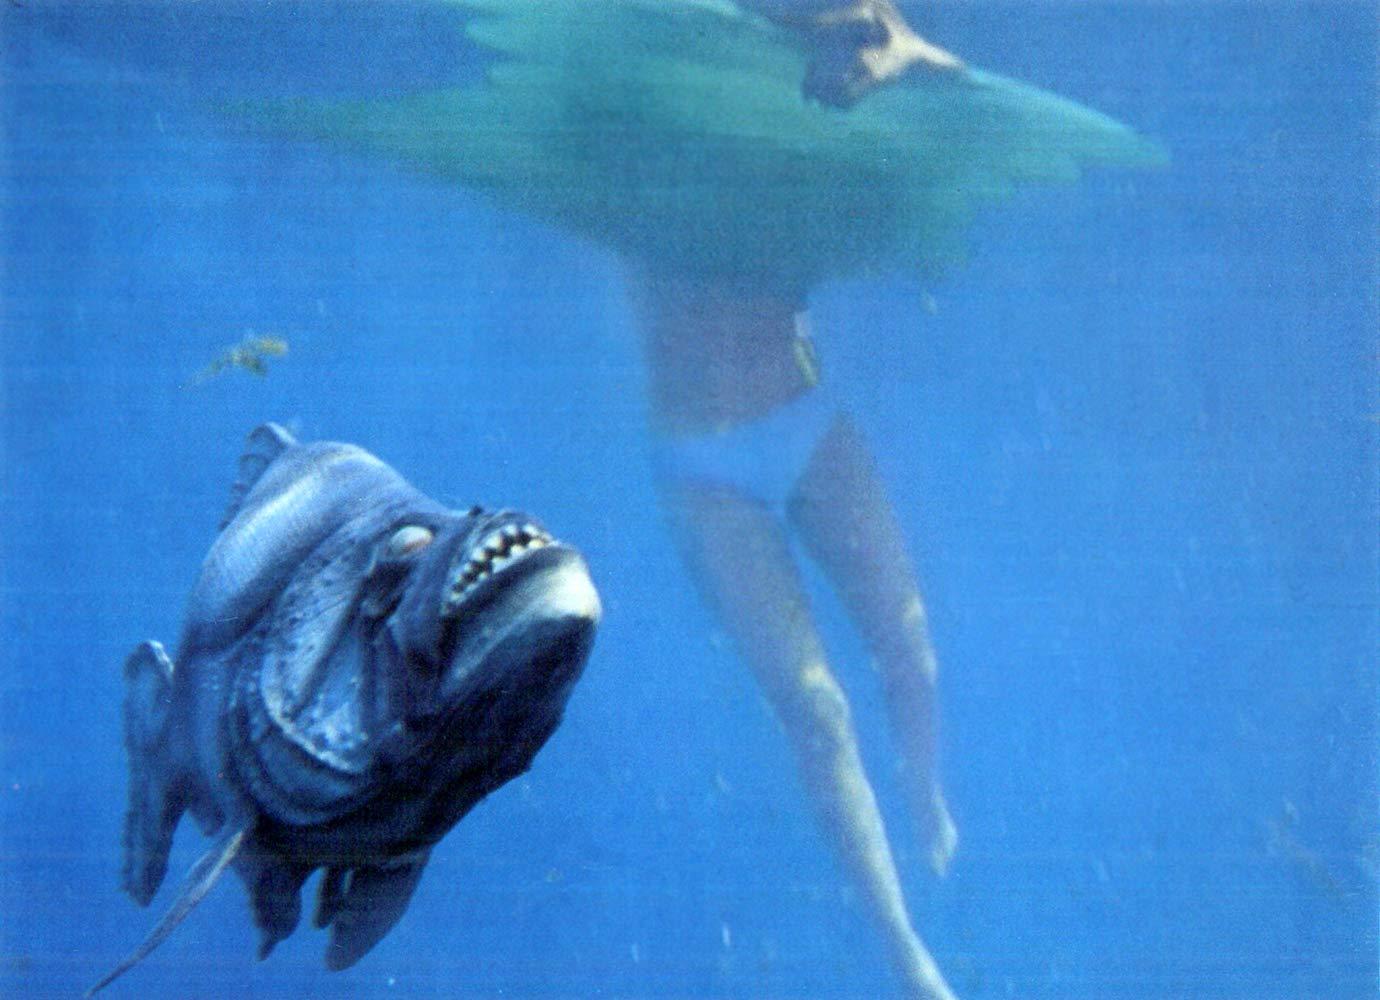 The piranha attack a bather in Piranha (1978)